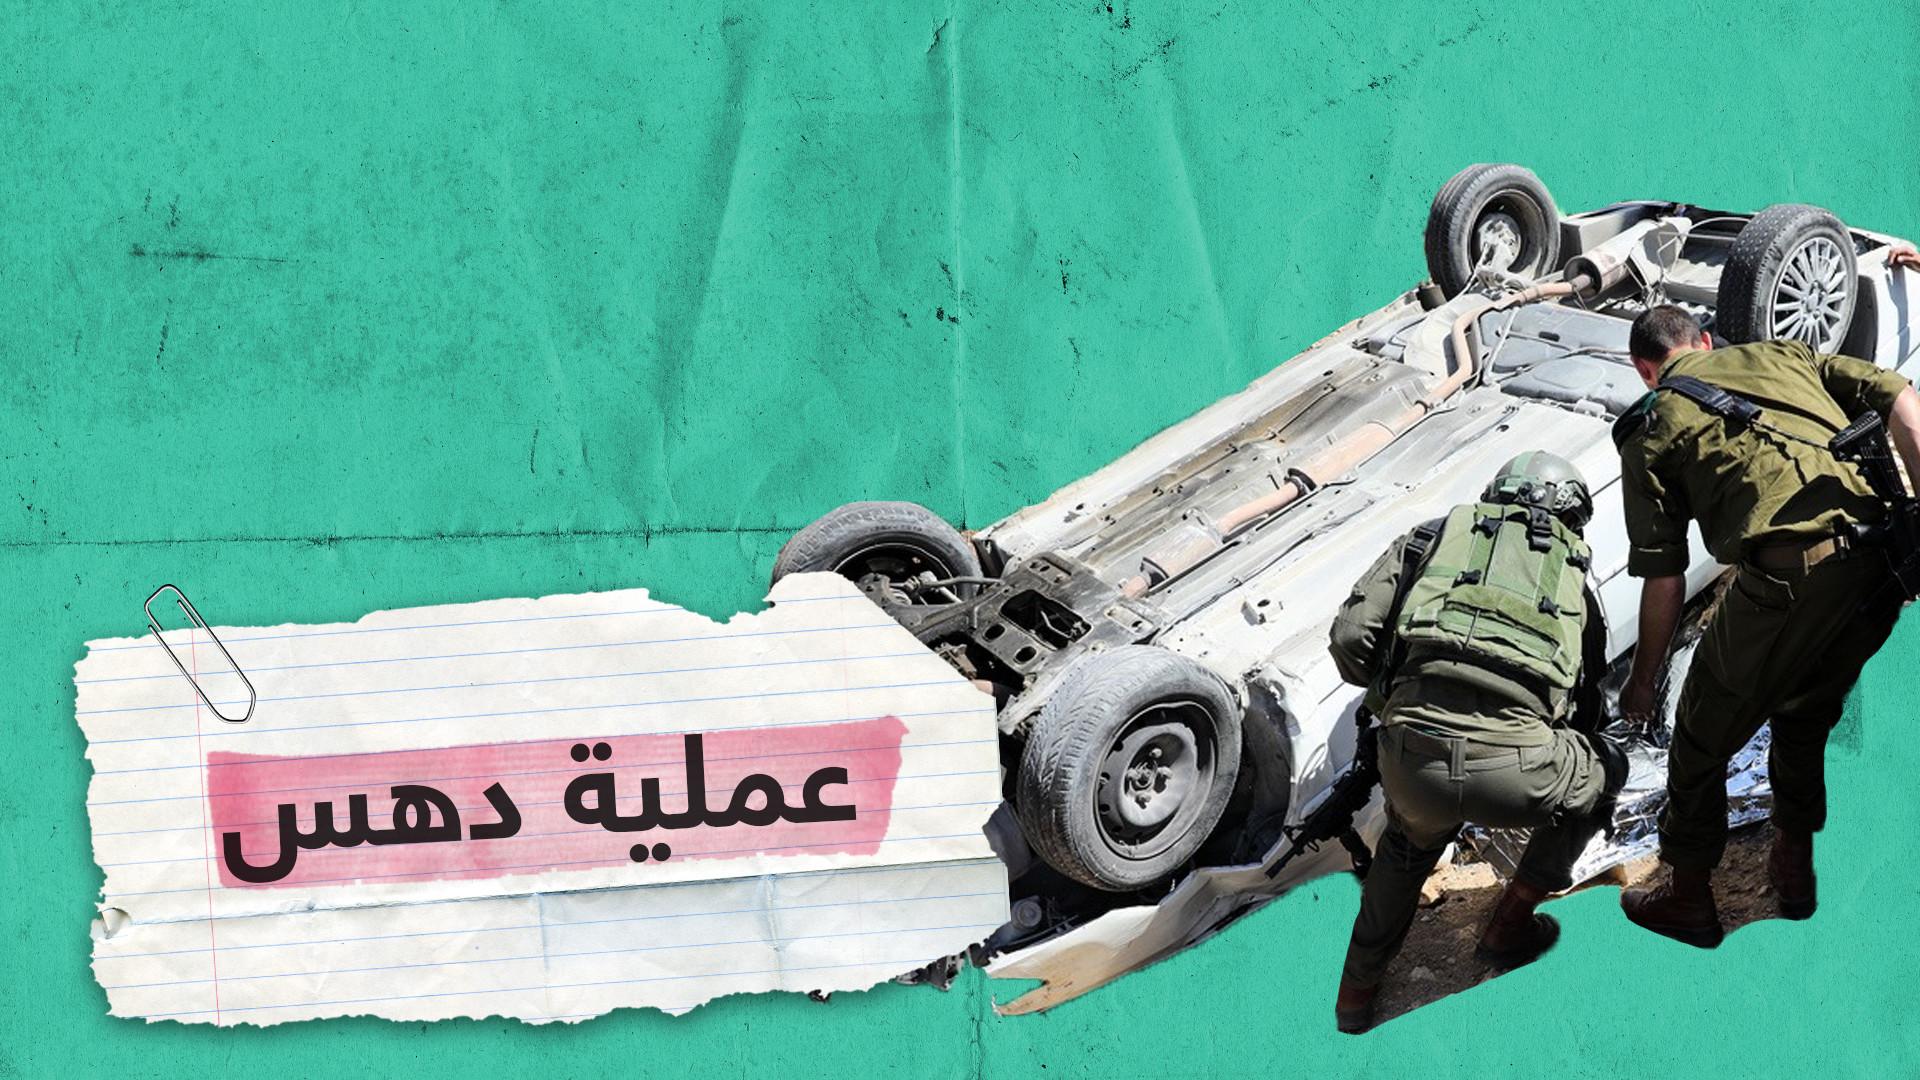 عملية دهس في مستوطنة غوش عتصيون